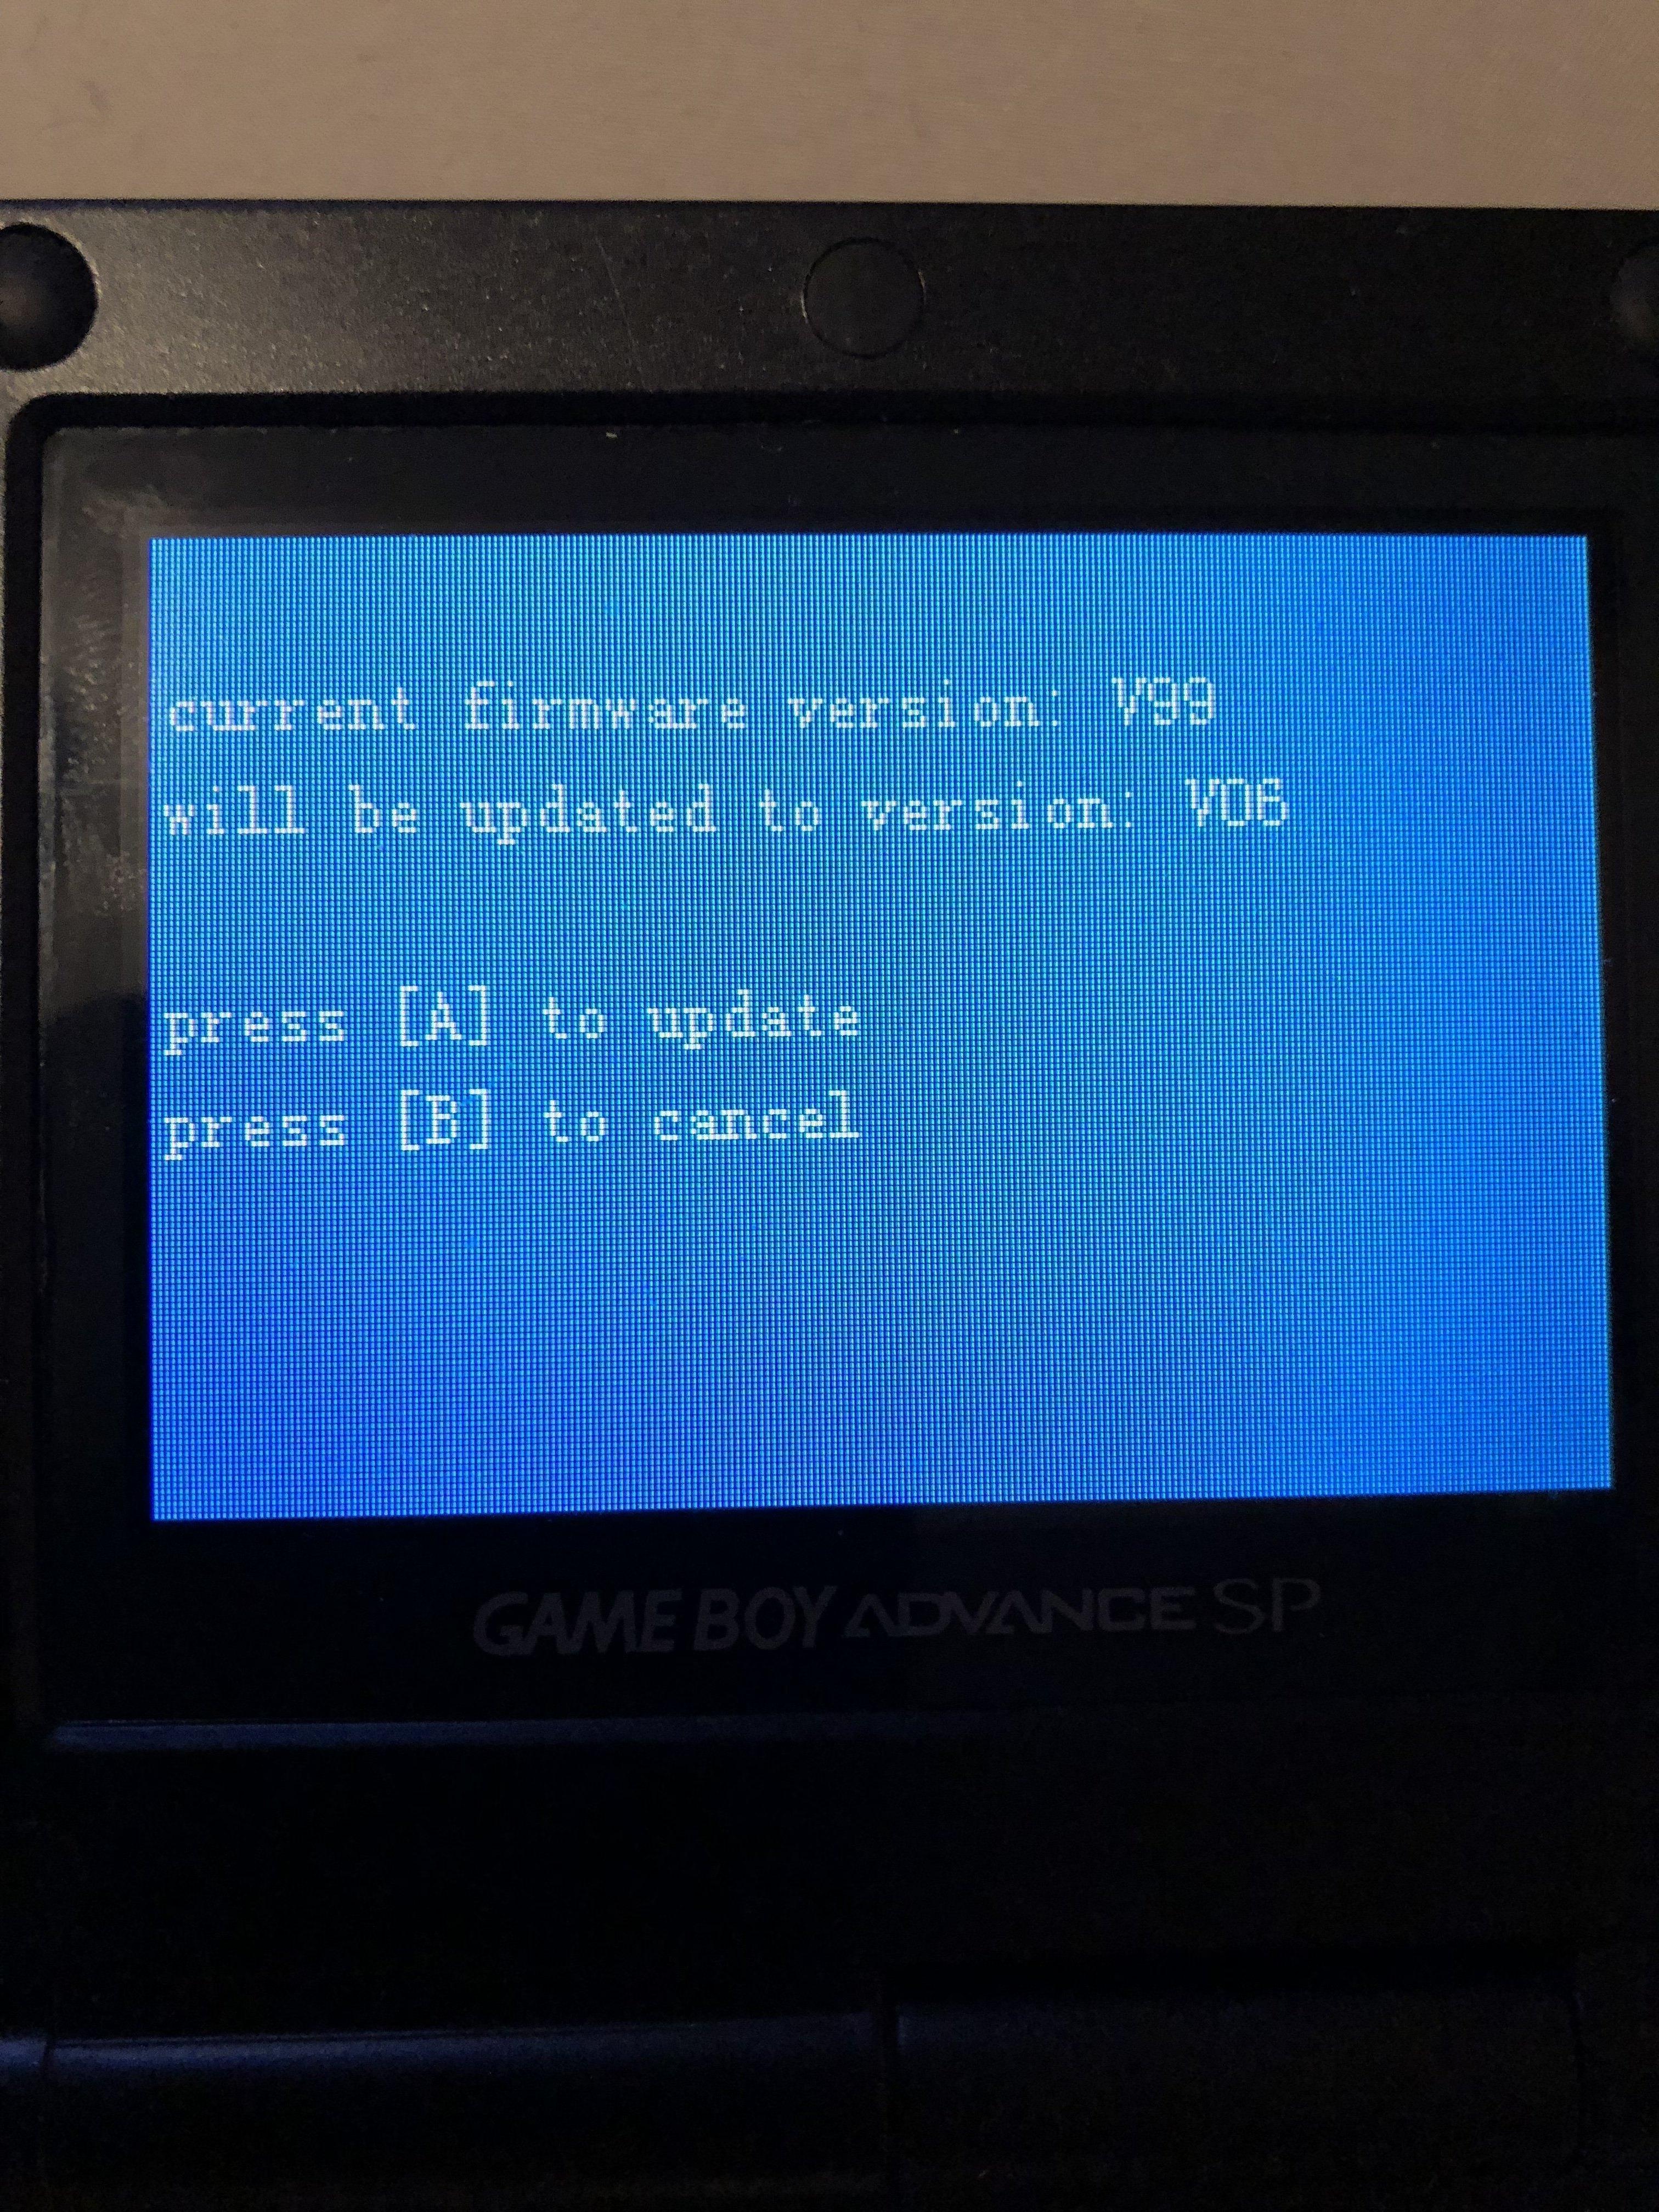 C89833A3-66ED-4C1E-8495-754A4DB99E41.jpeg